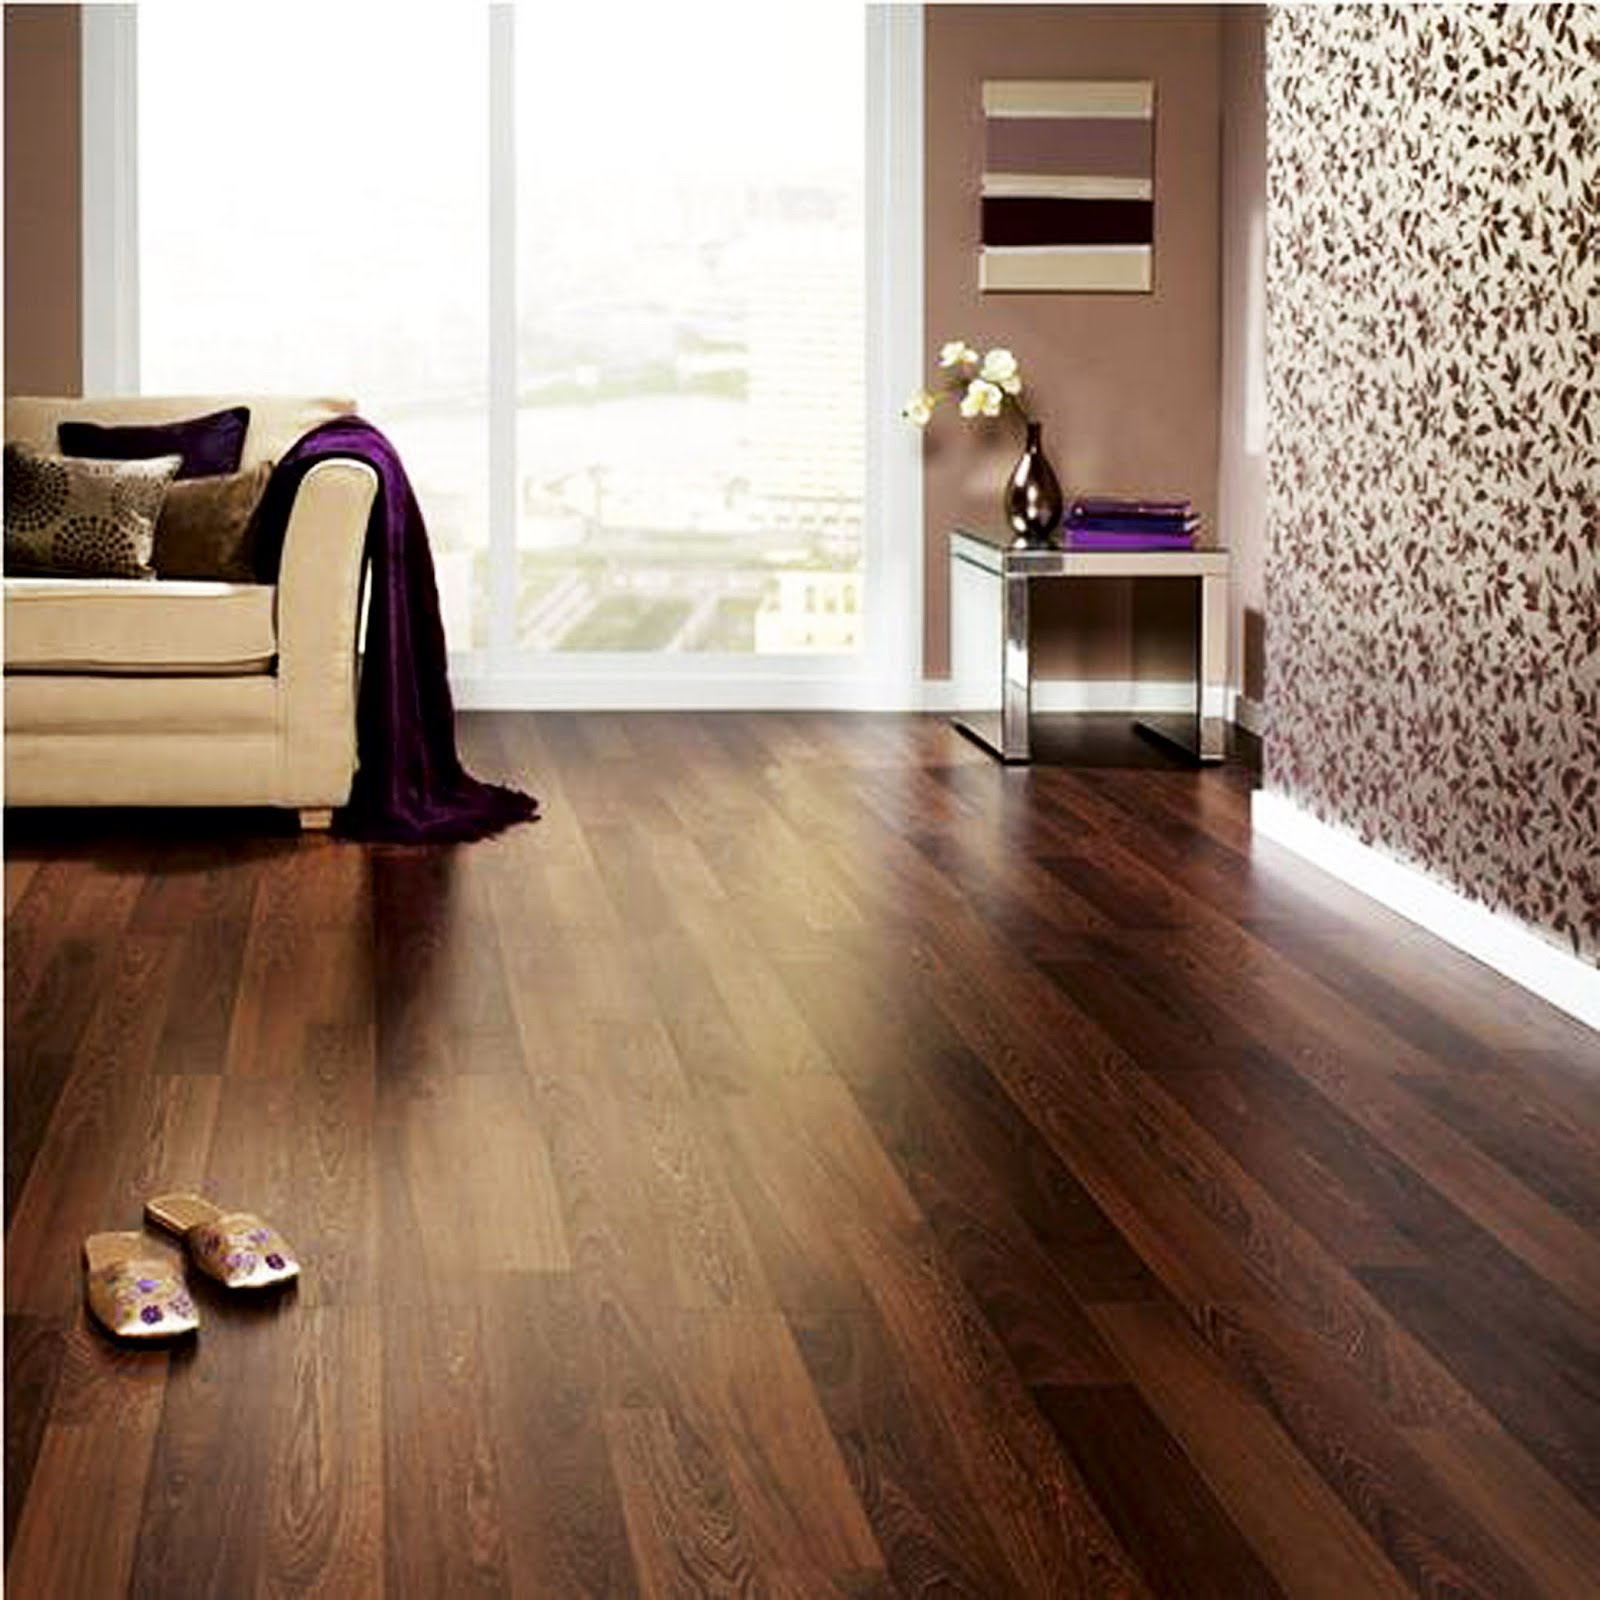 Best Engineered Hardwood Flooring Brands UK